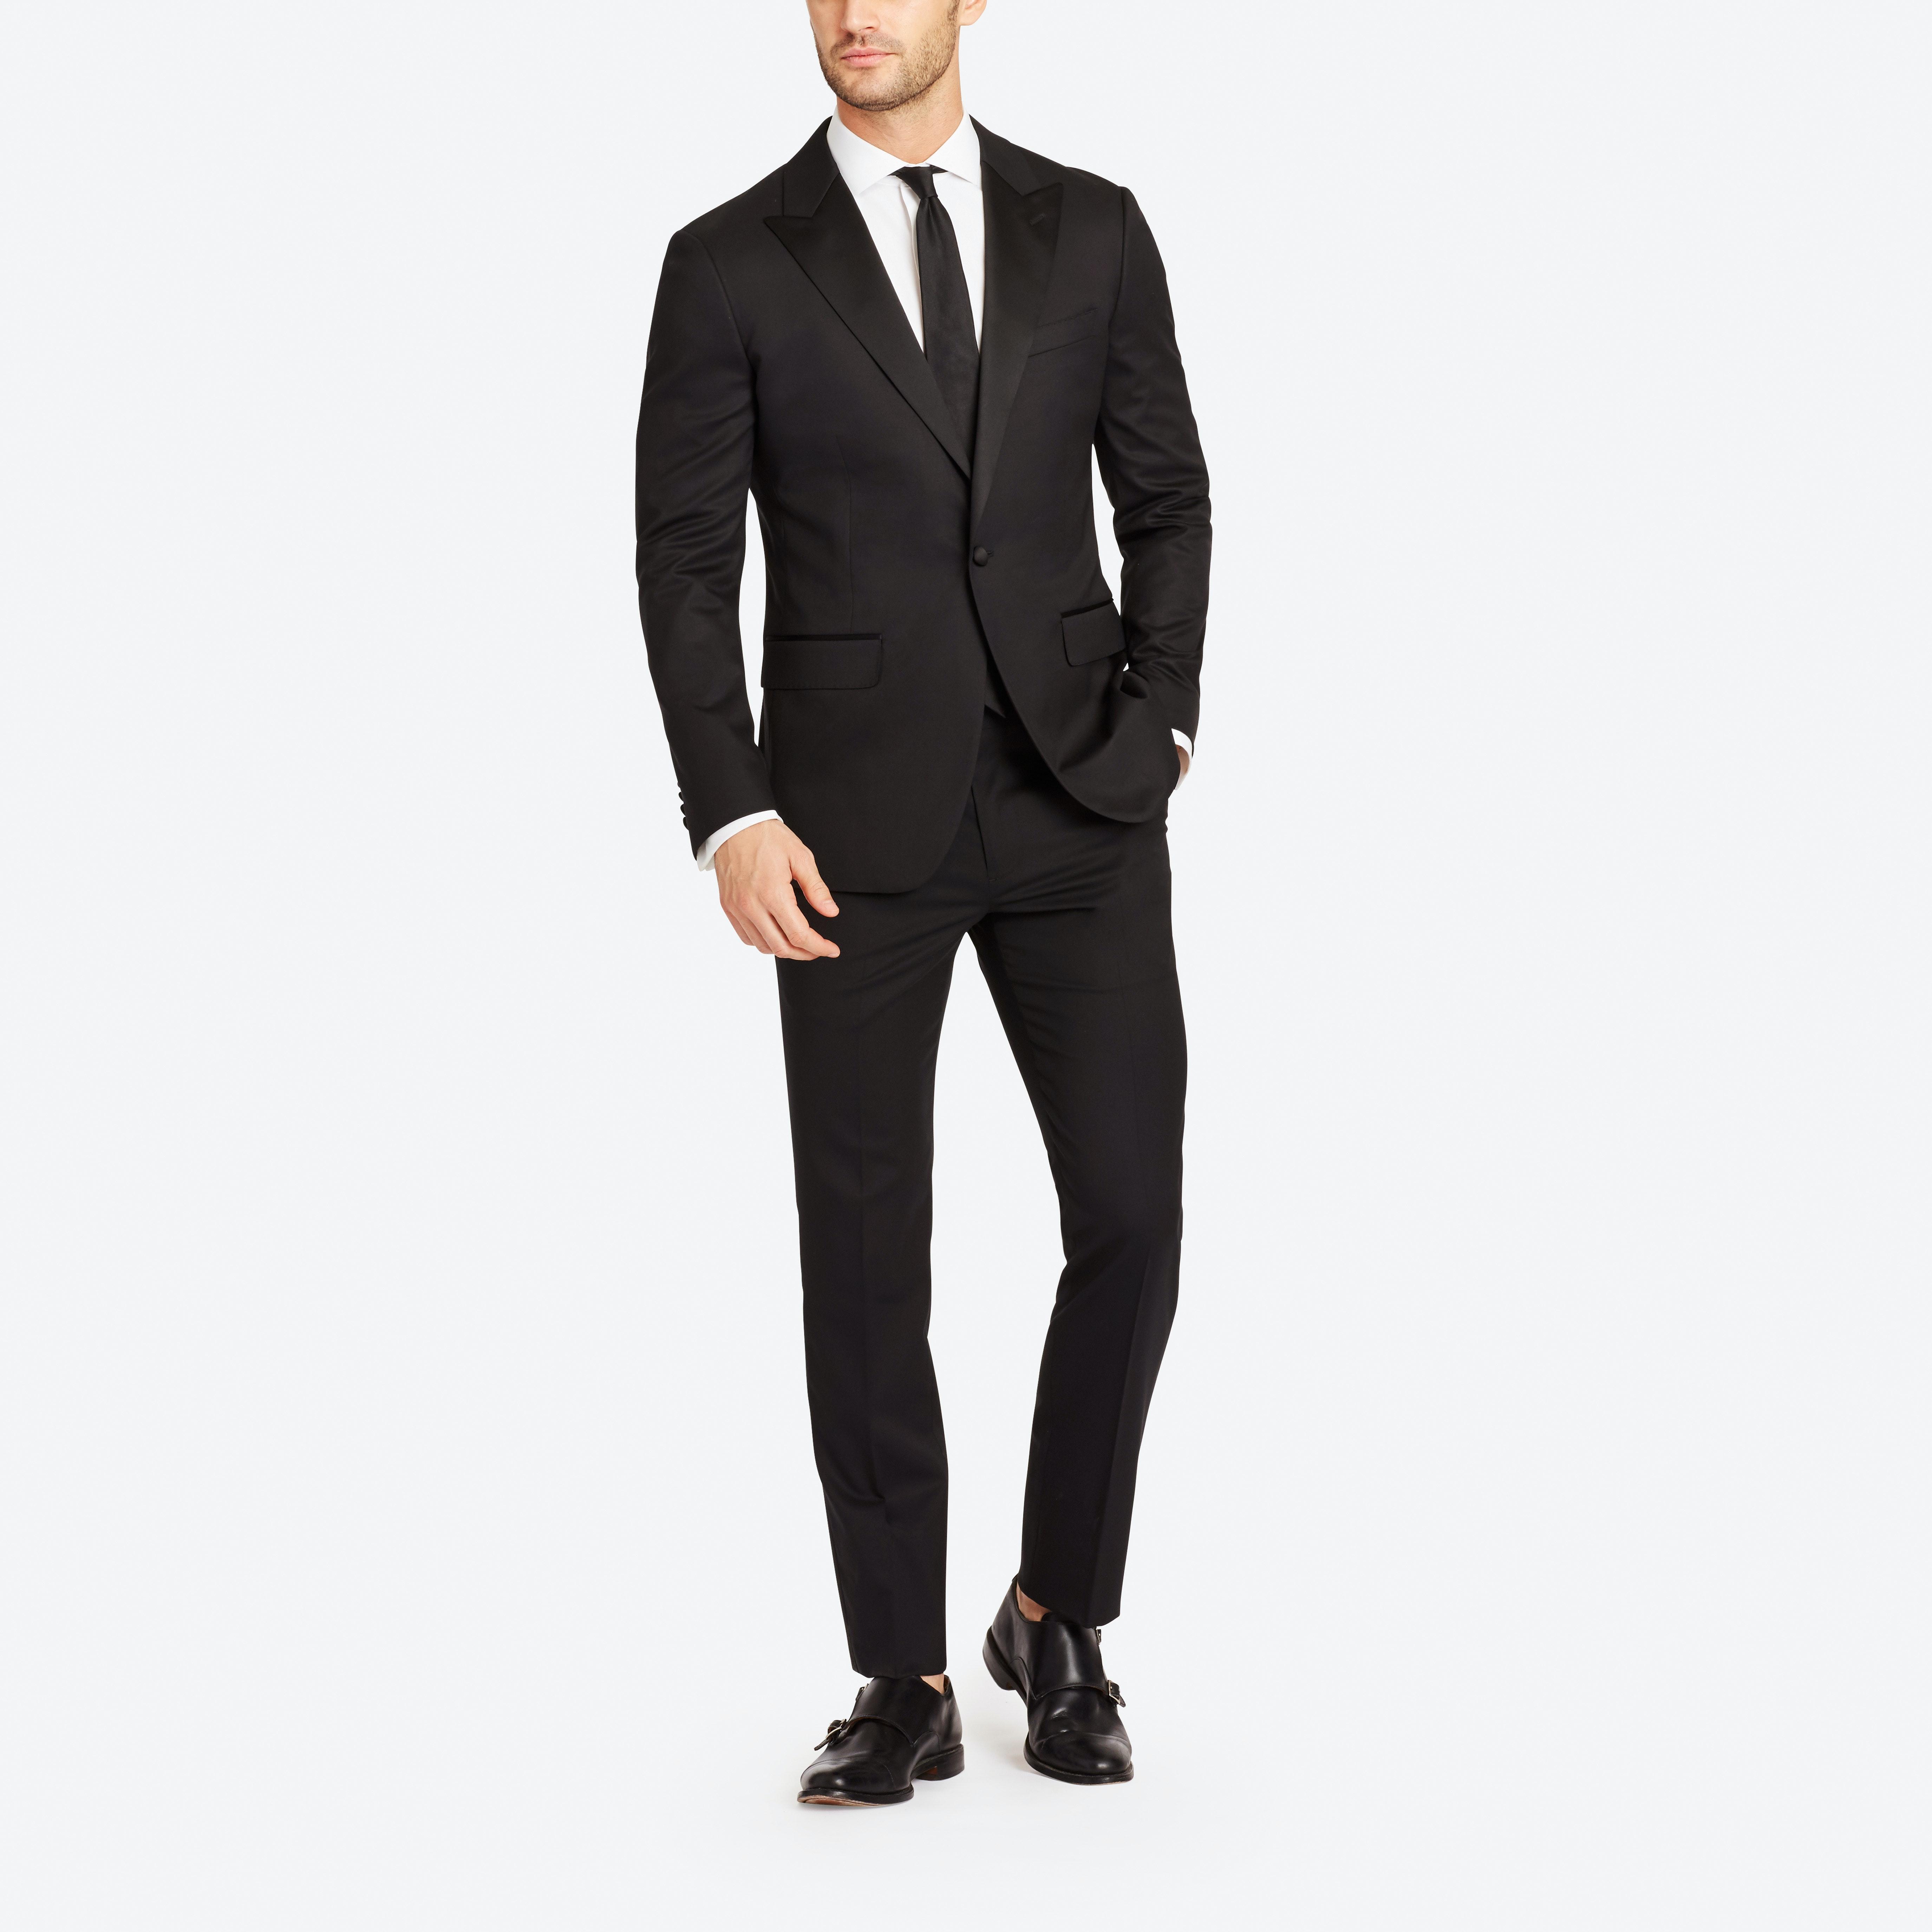 Jetsetter Stretch Italian Wool Tuxedo